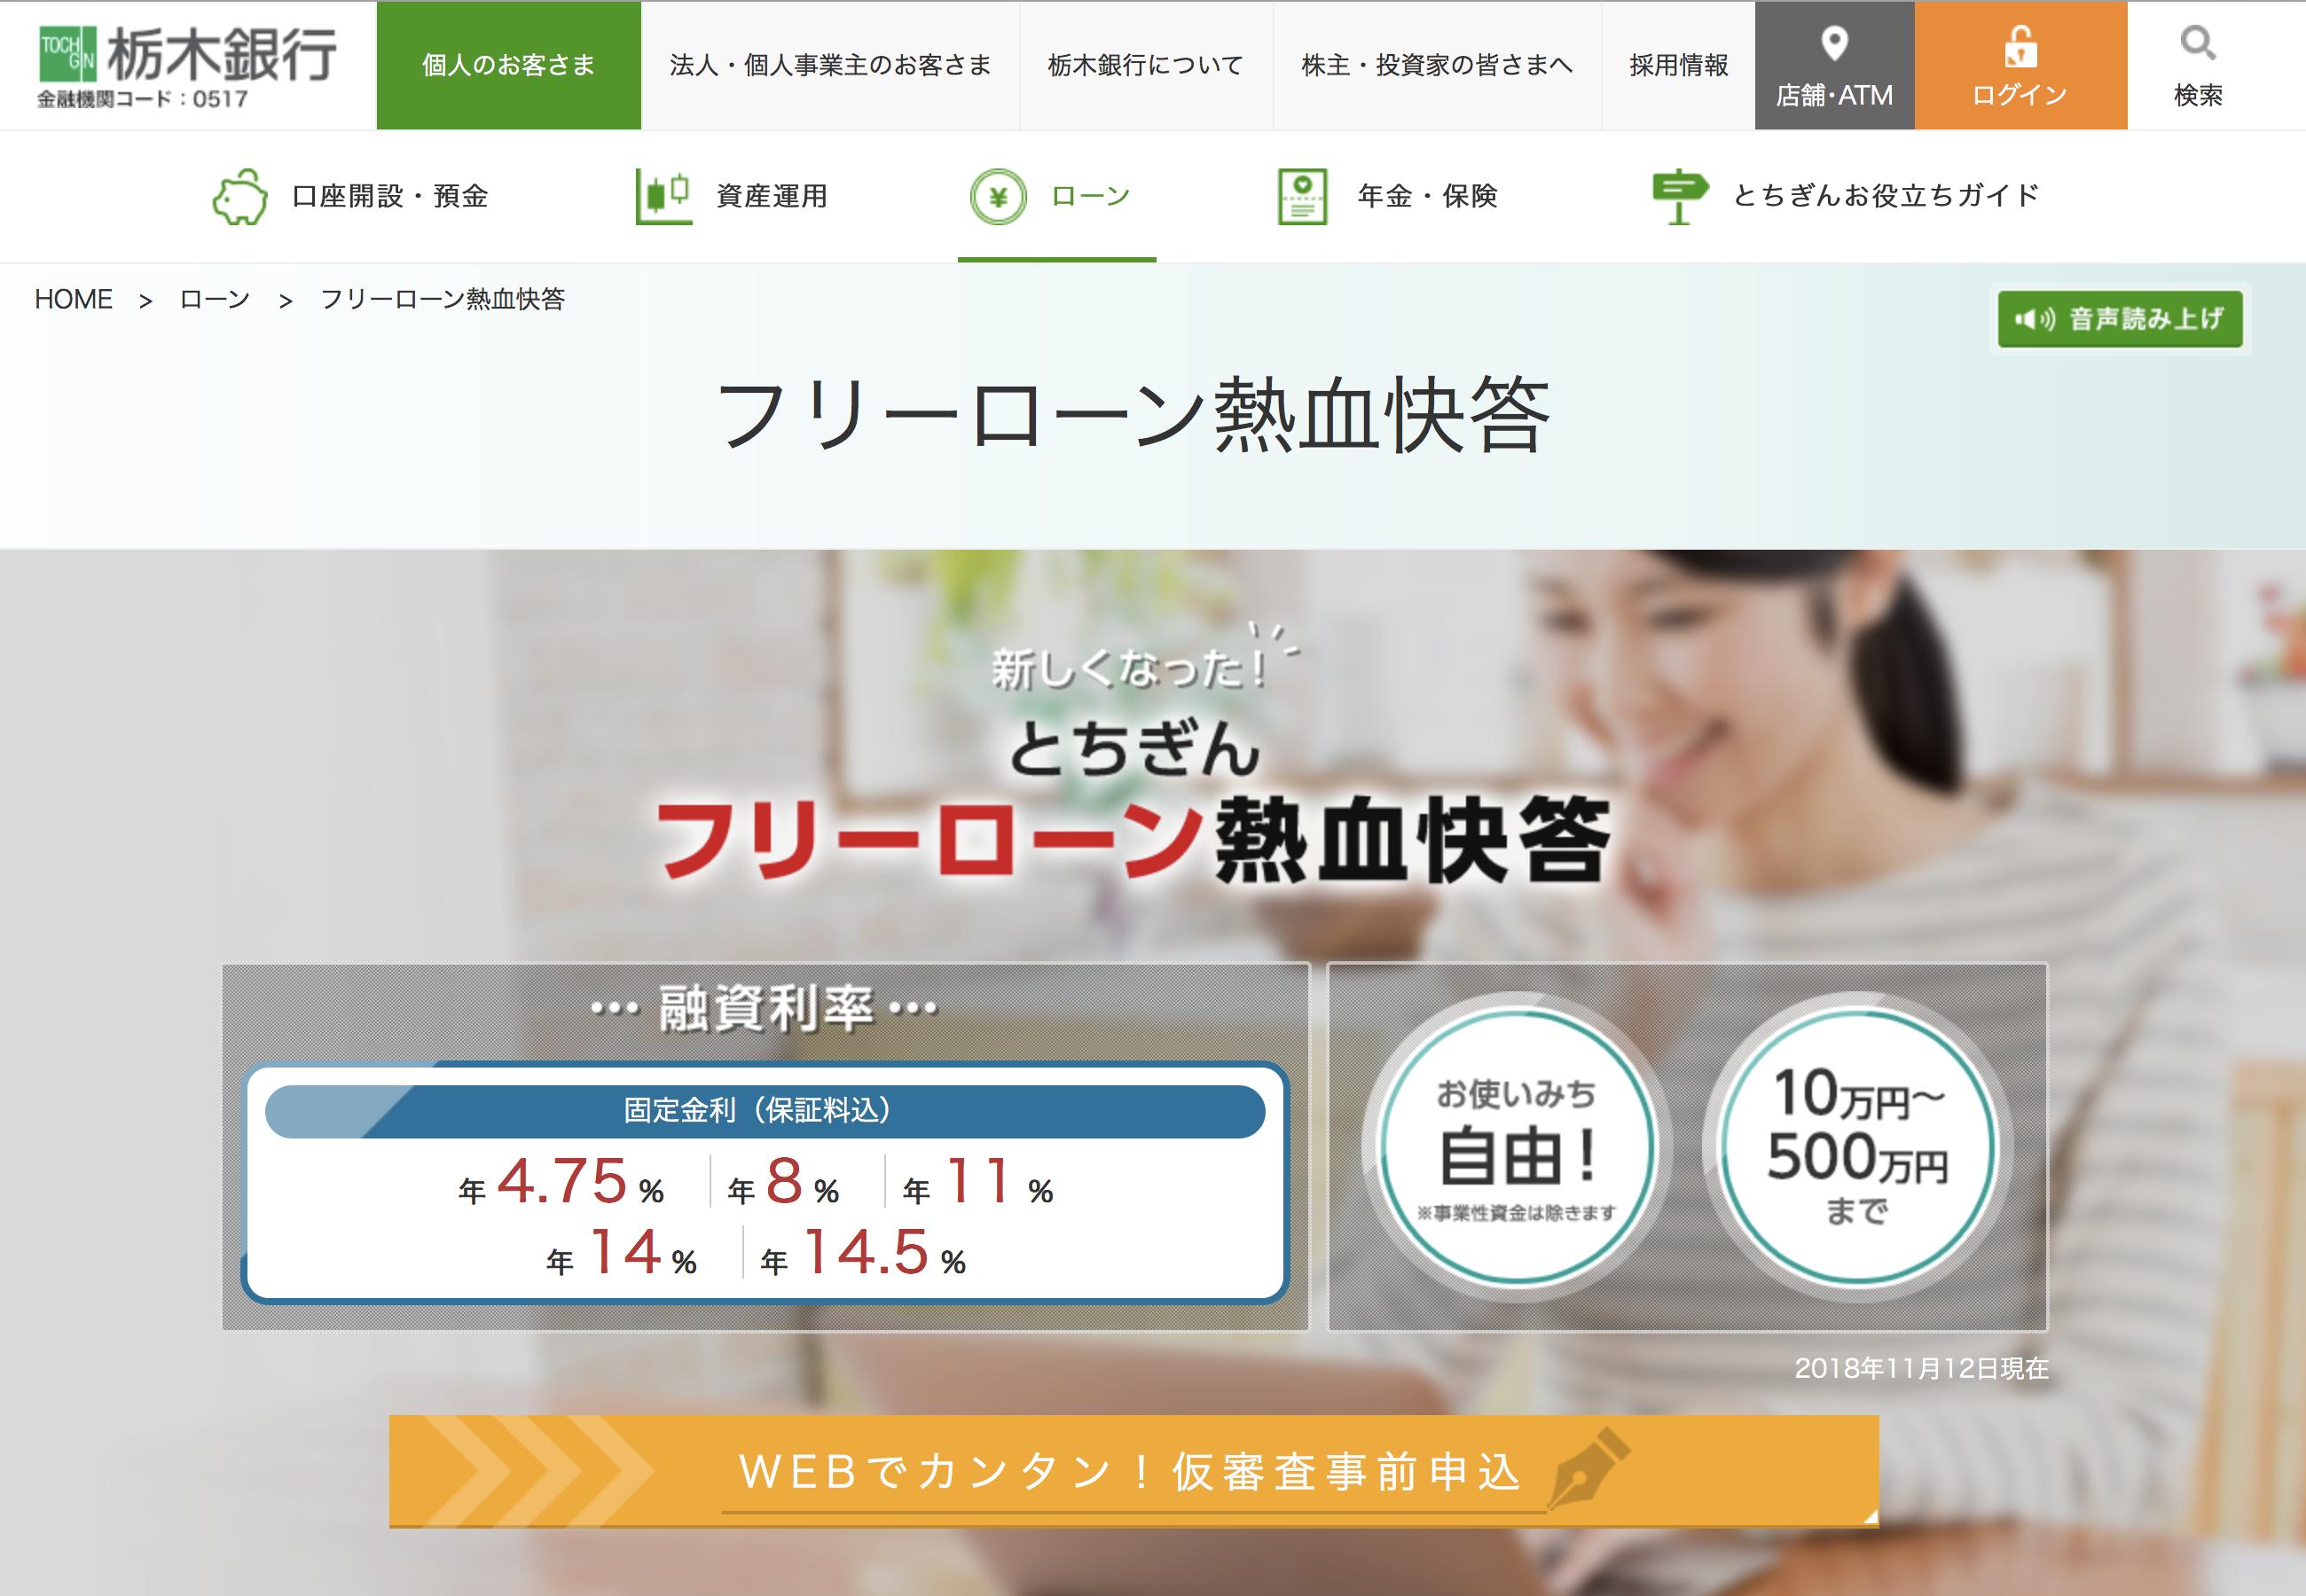 おまとめローン㉑ 栃木銀行